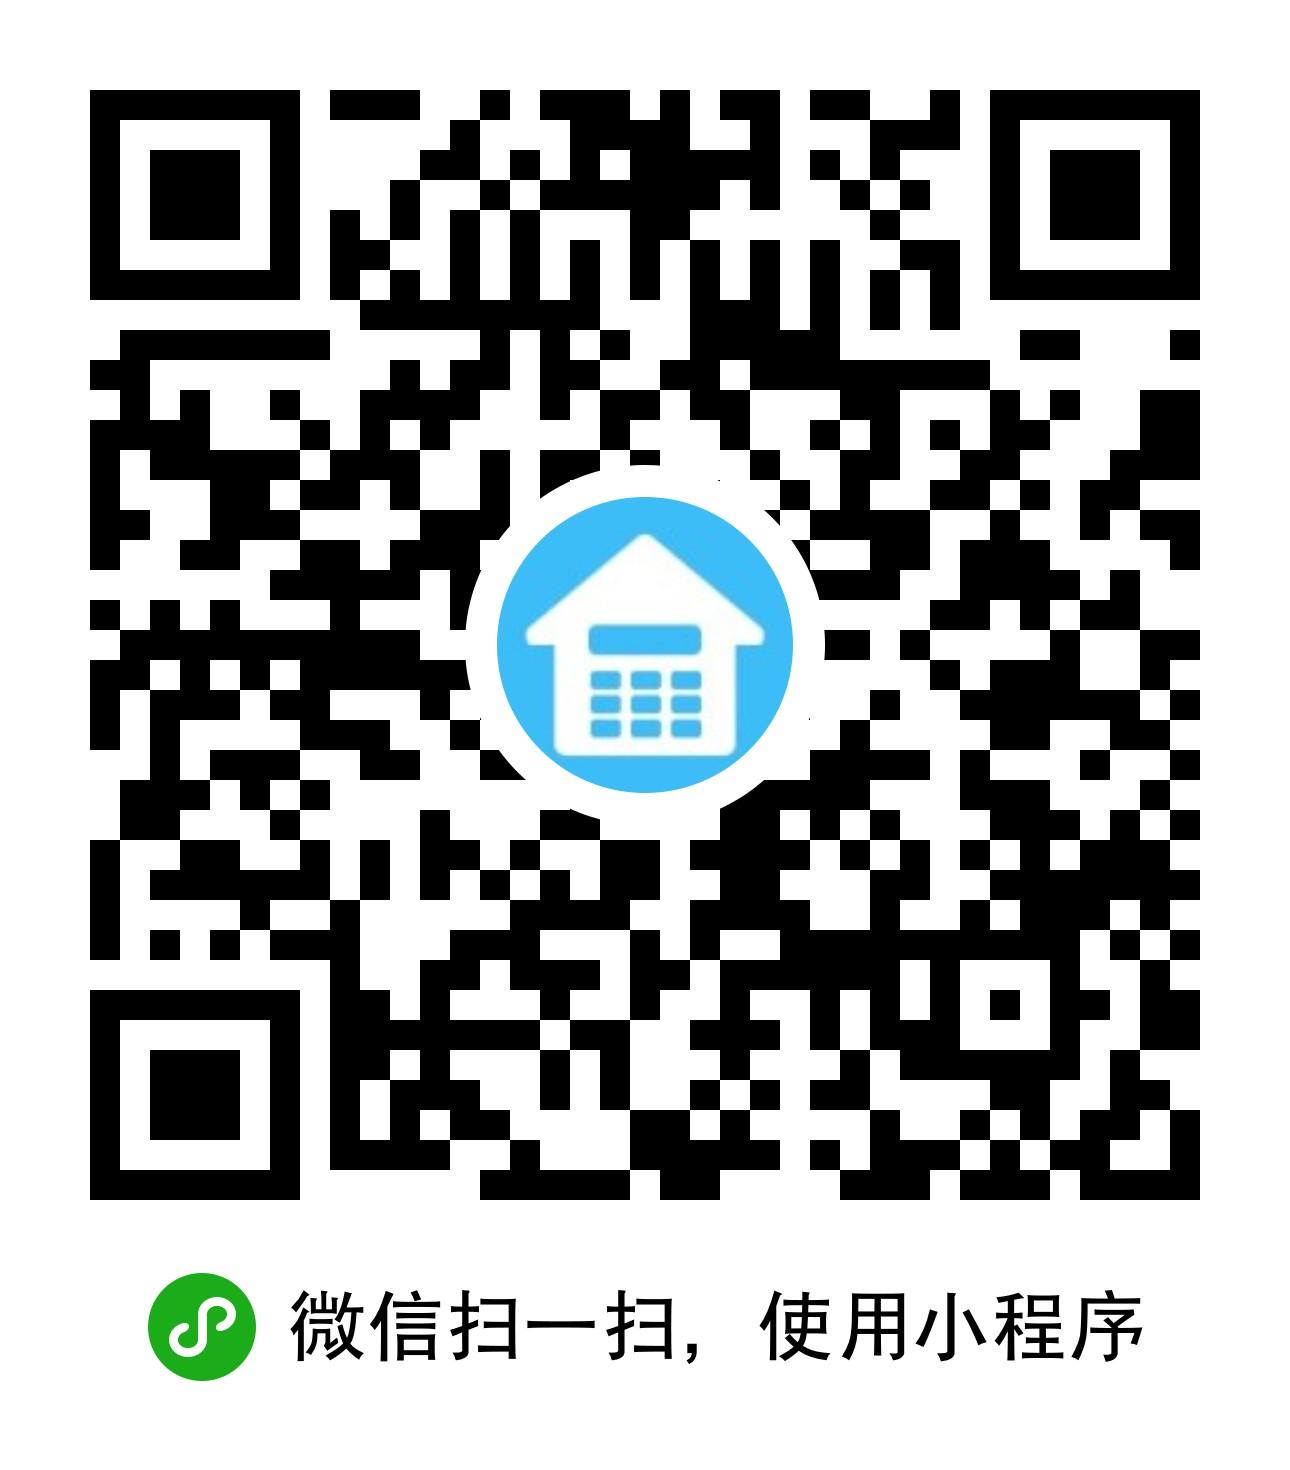 上海房产税计算器小程序二维码